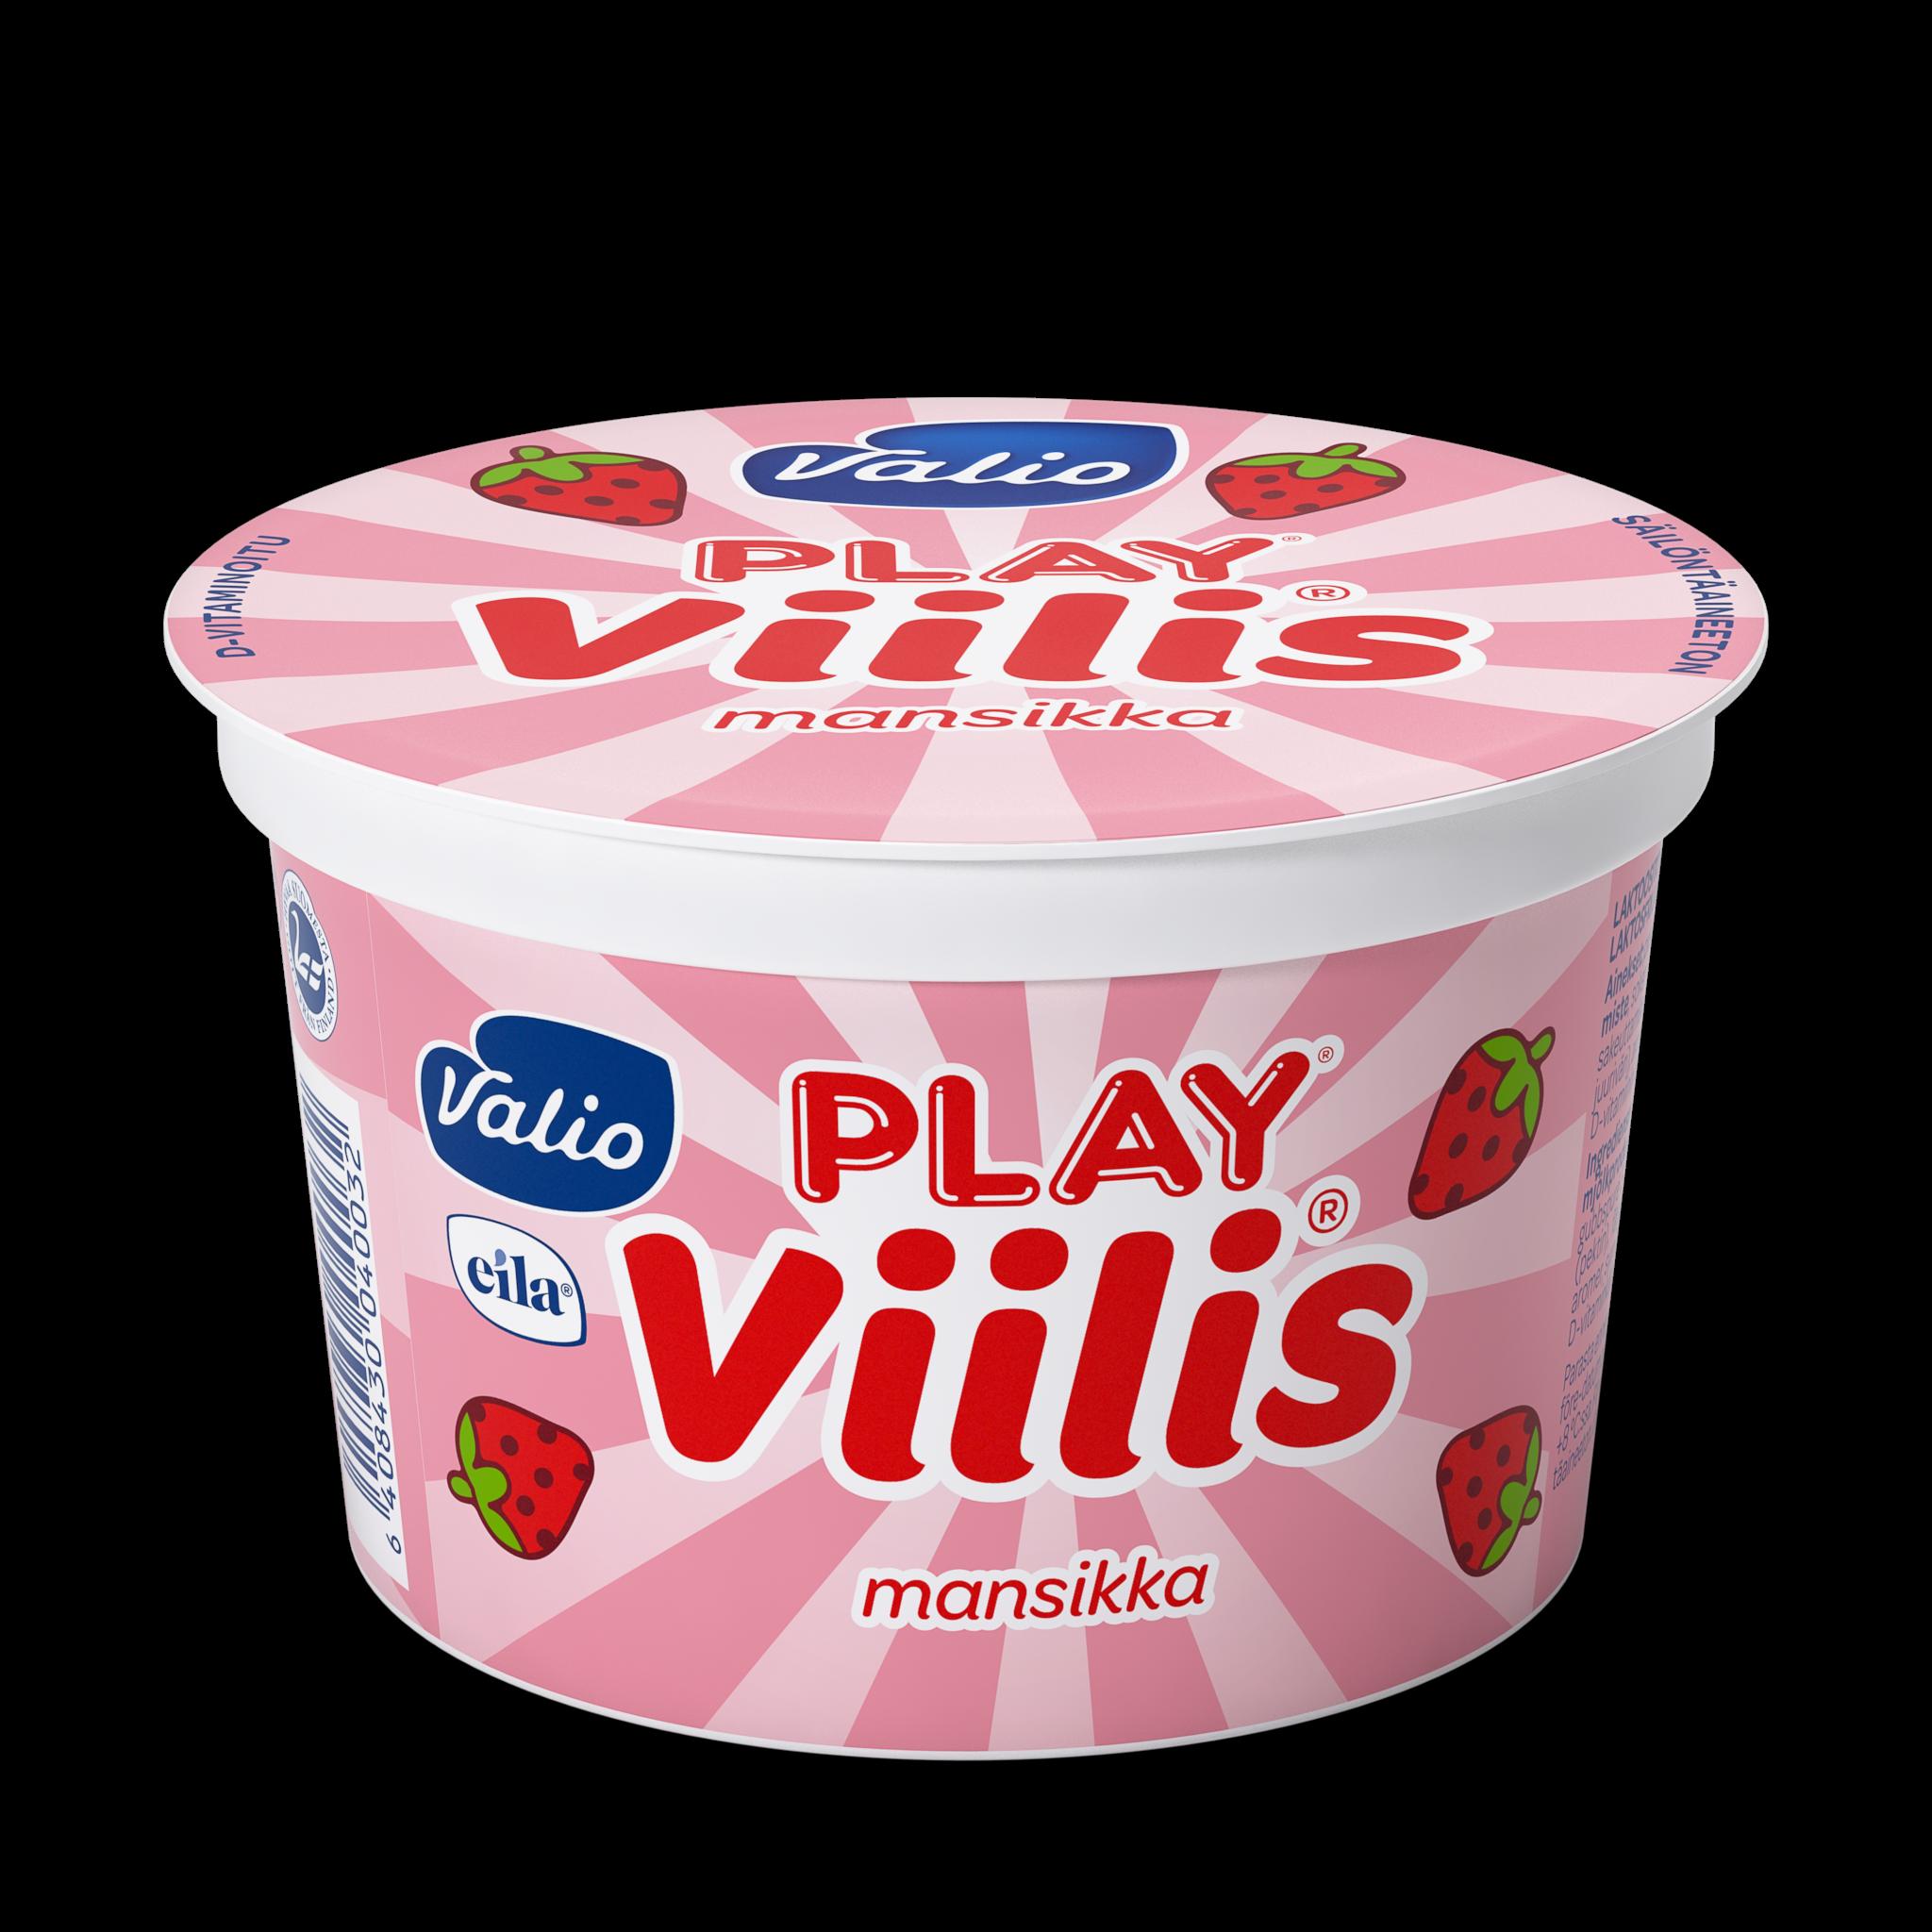 Valio Play® Viilis® mansikka laktoositon